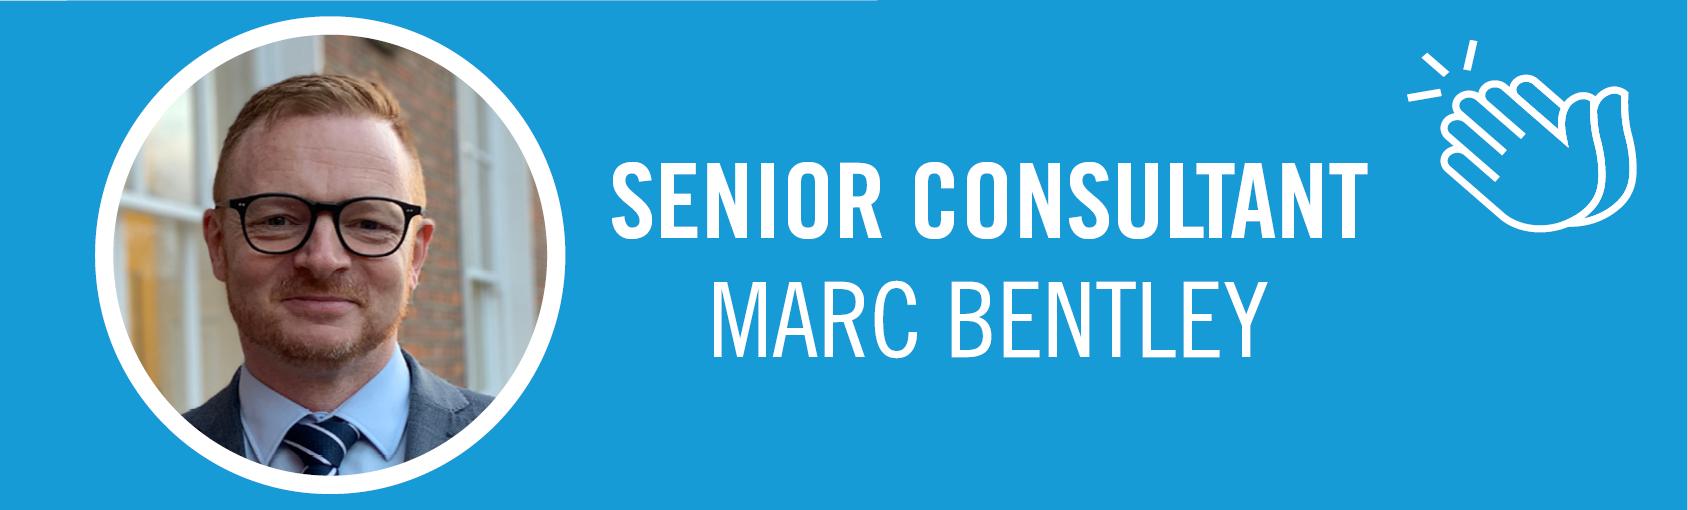 Senior Consultant  - Marc Bentley